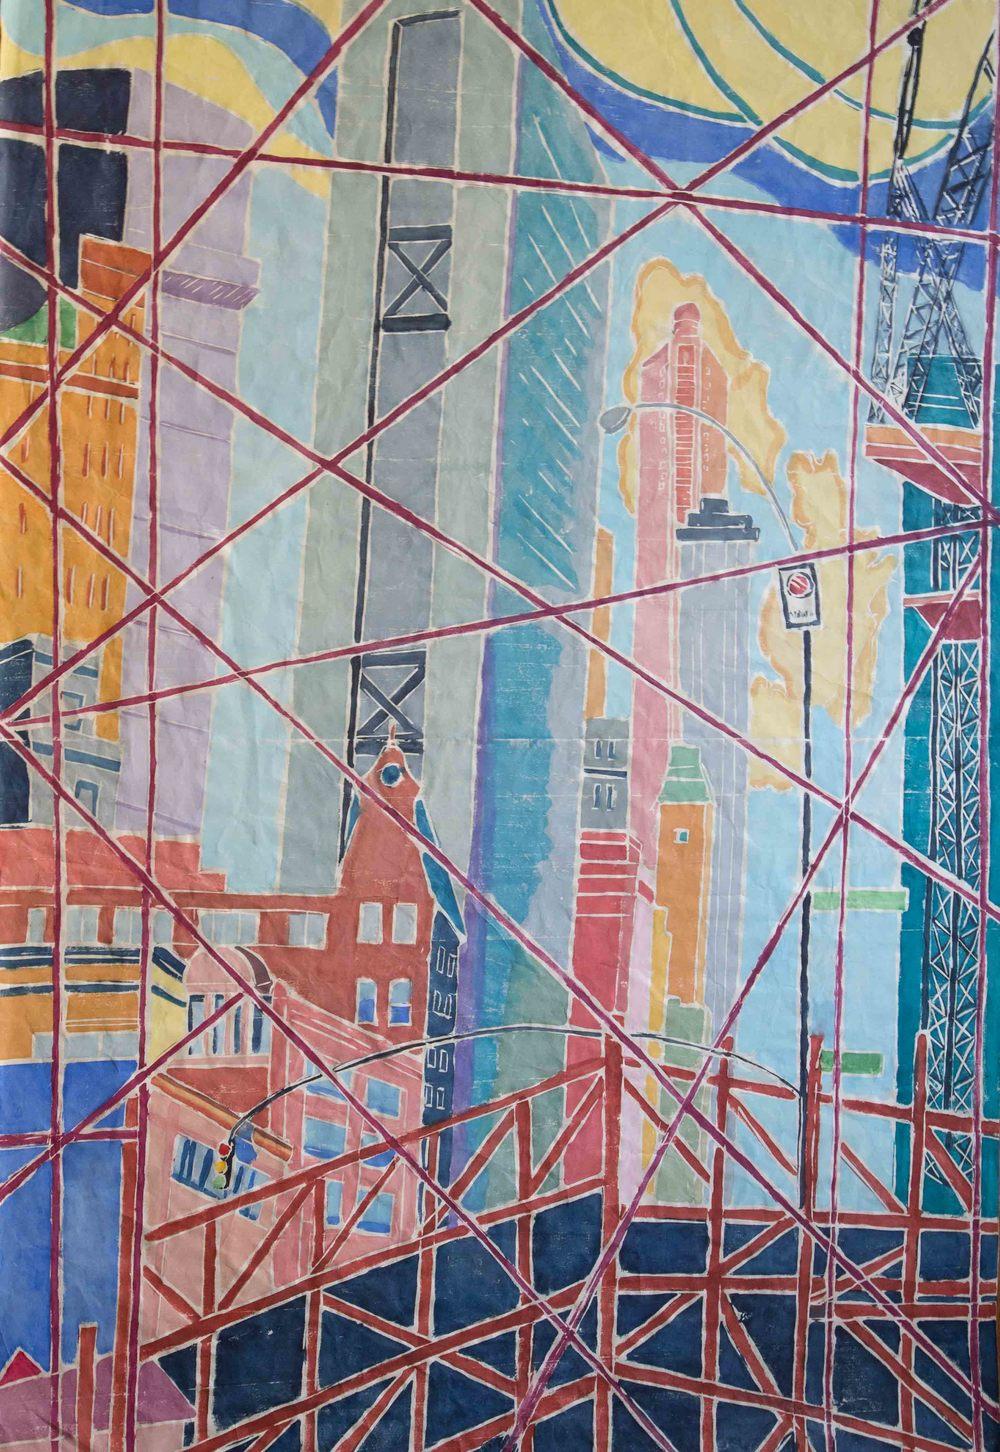 Leaded City, Between Buildings 2, Wood Cut on Paper, 48 x 32